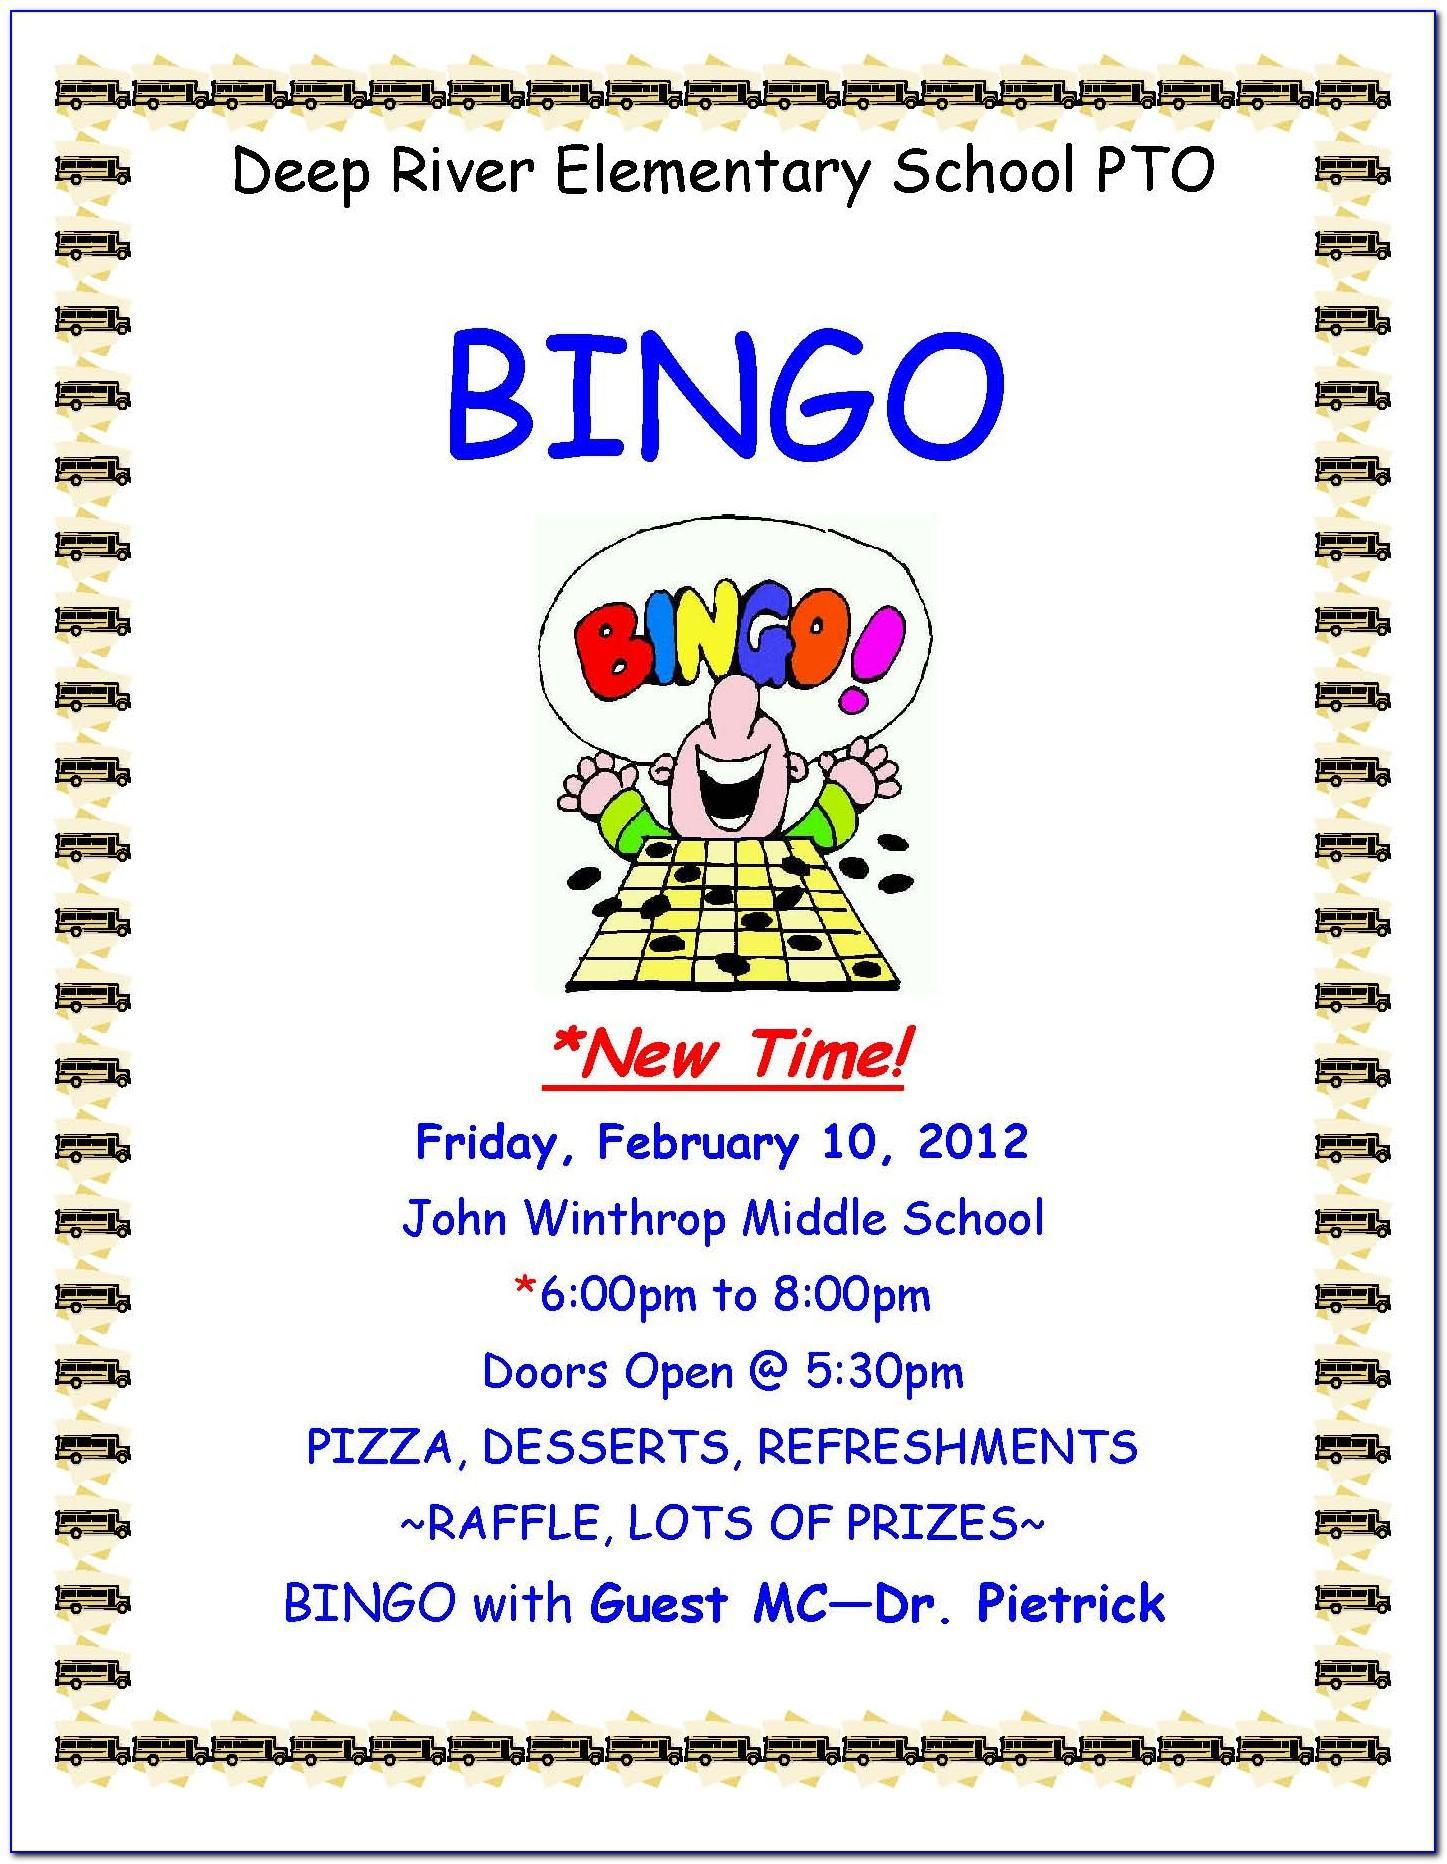 Free Bingo Invitation Template